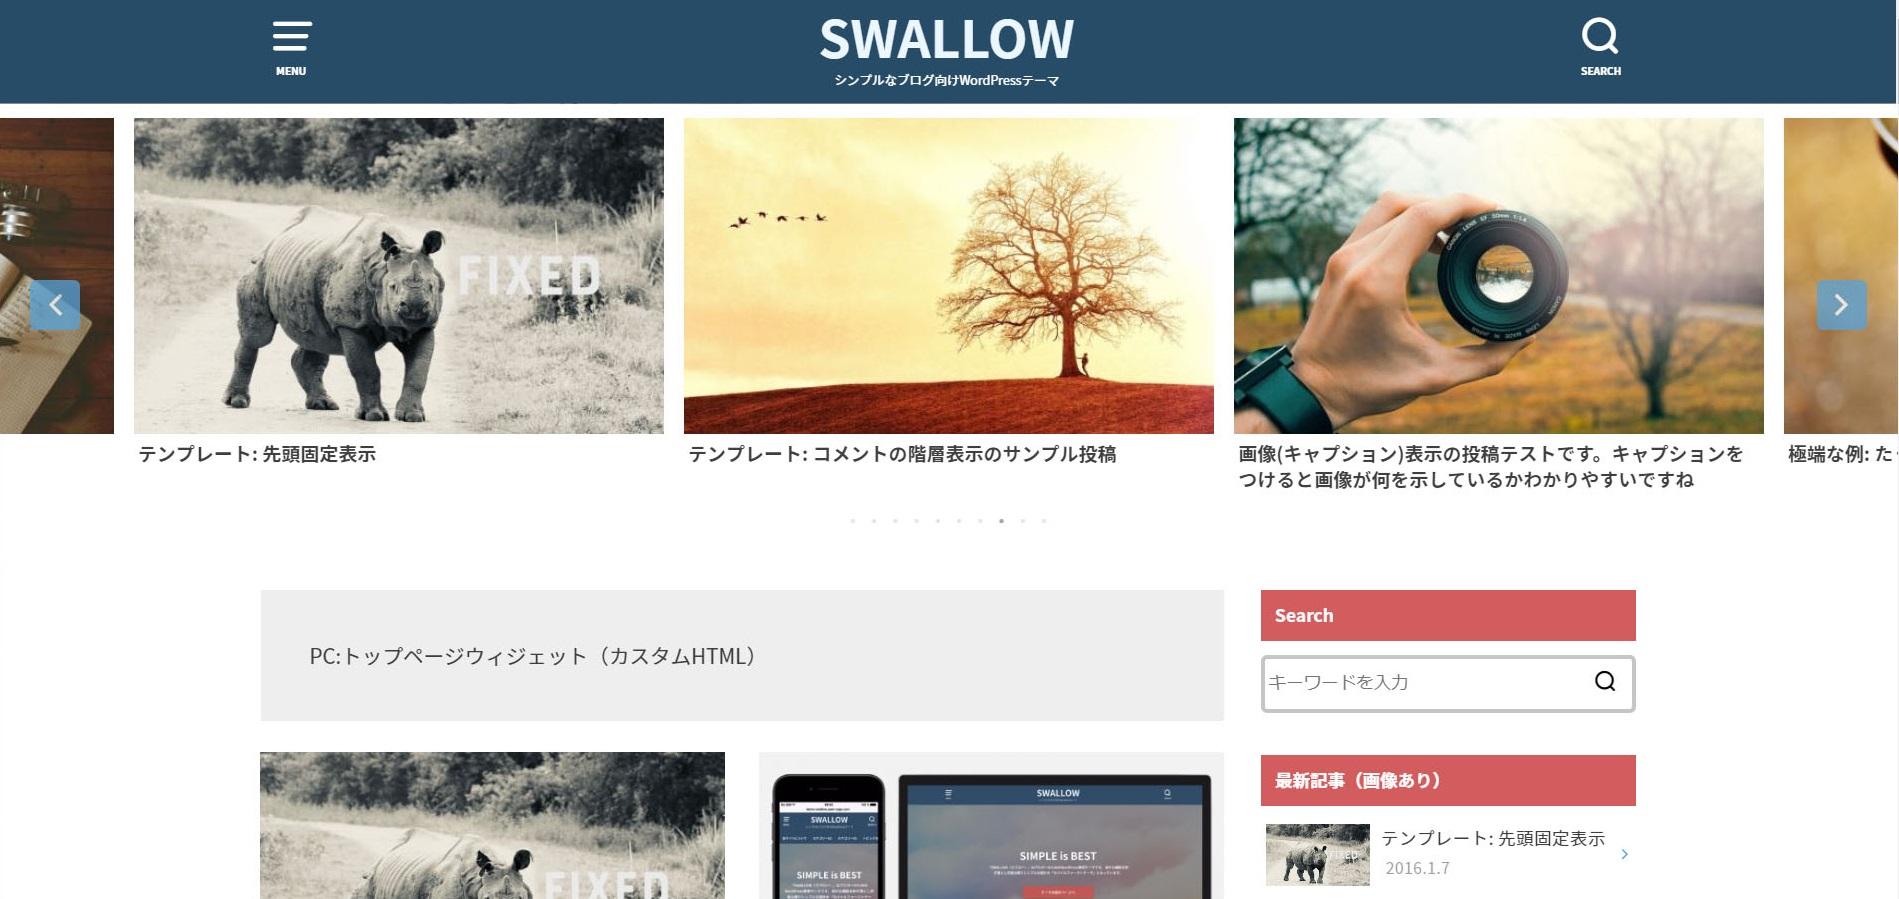 SWALLOW のデモページ